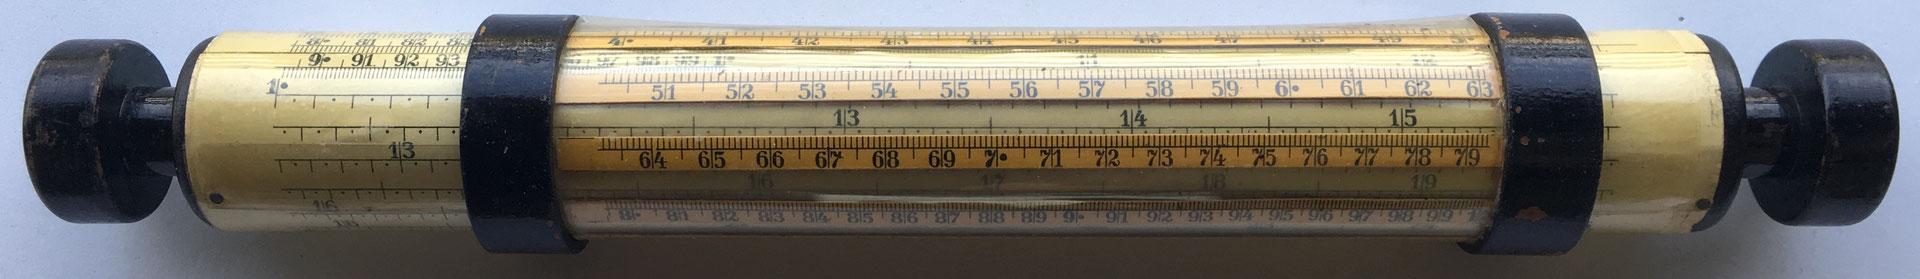 german TRÖGER cylindrical slide rule de 1920, 31x4 cm diámetro